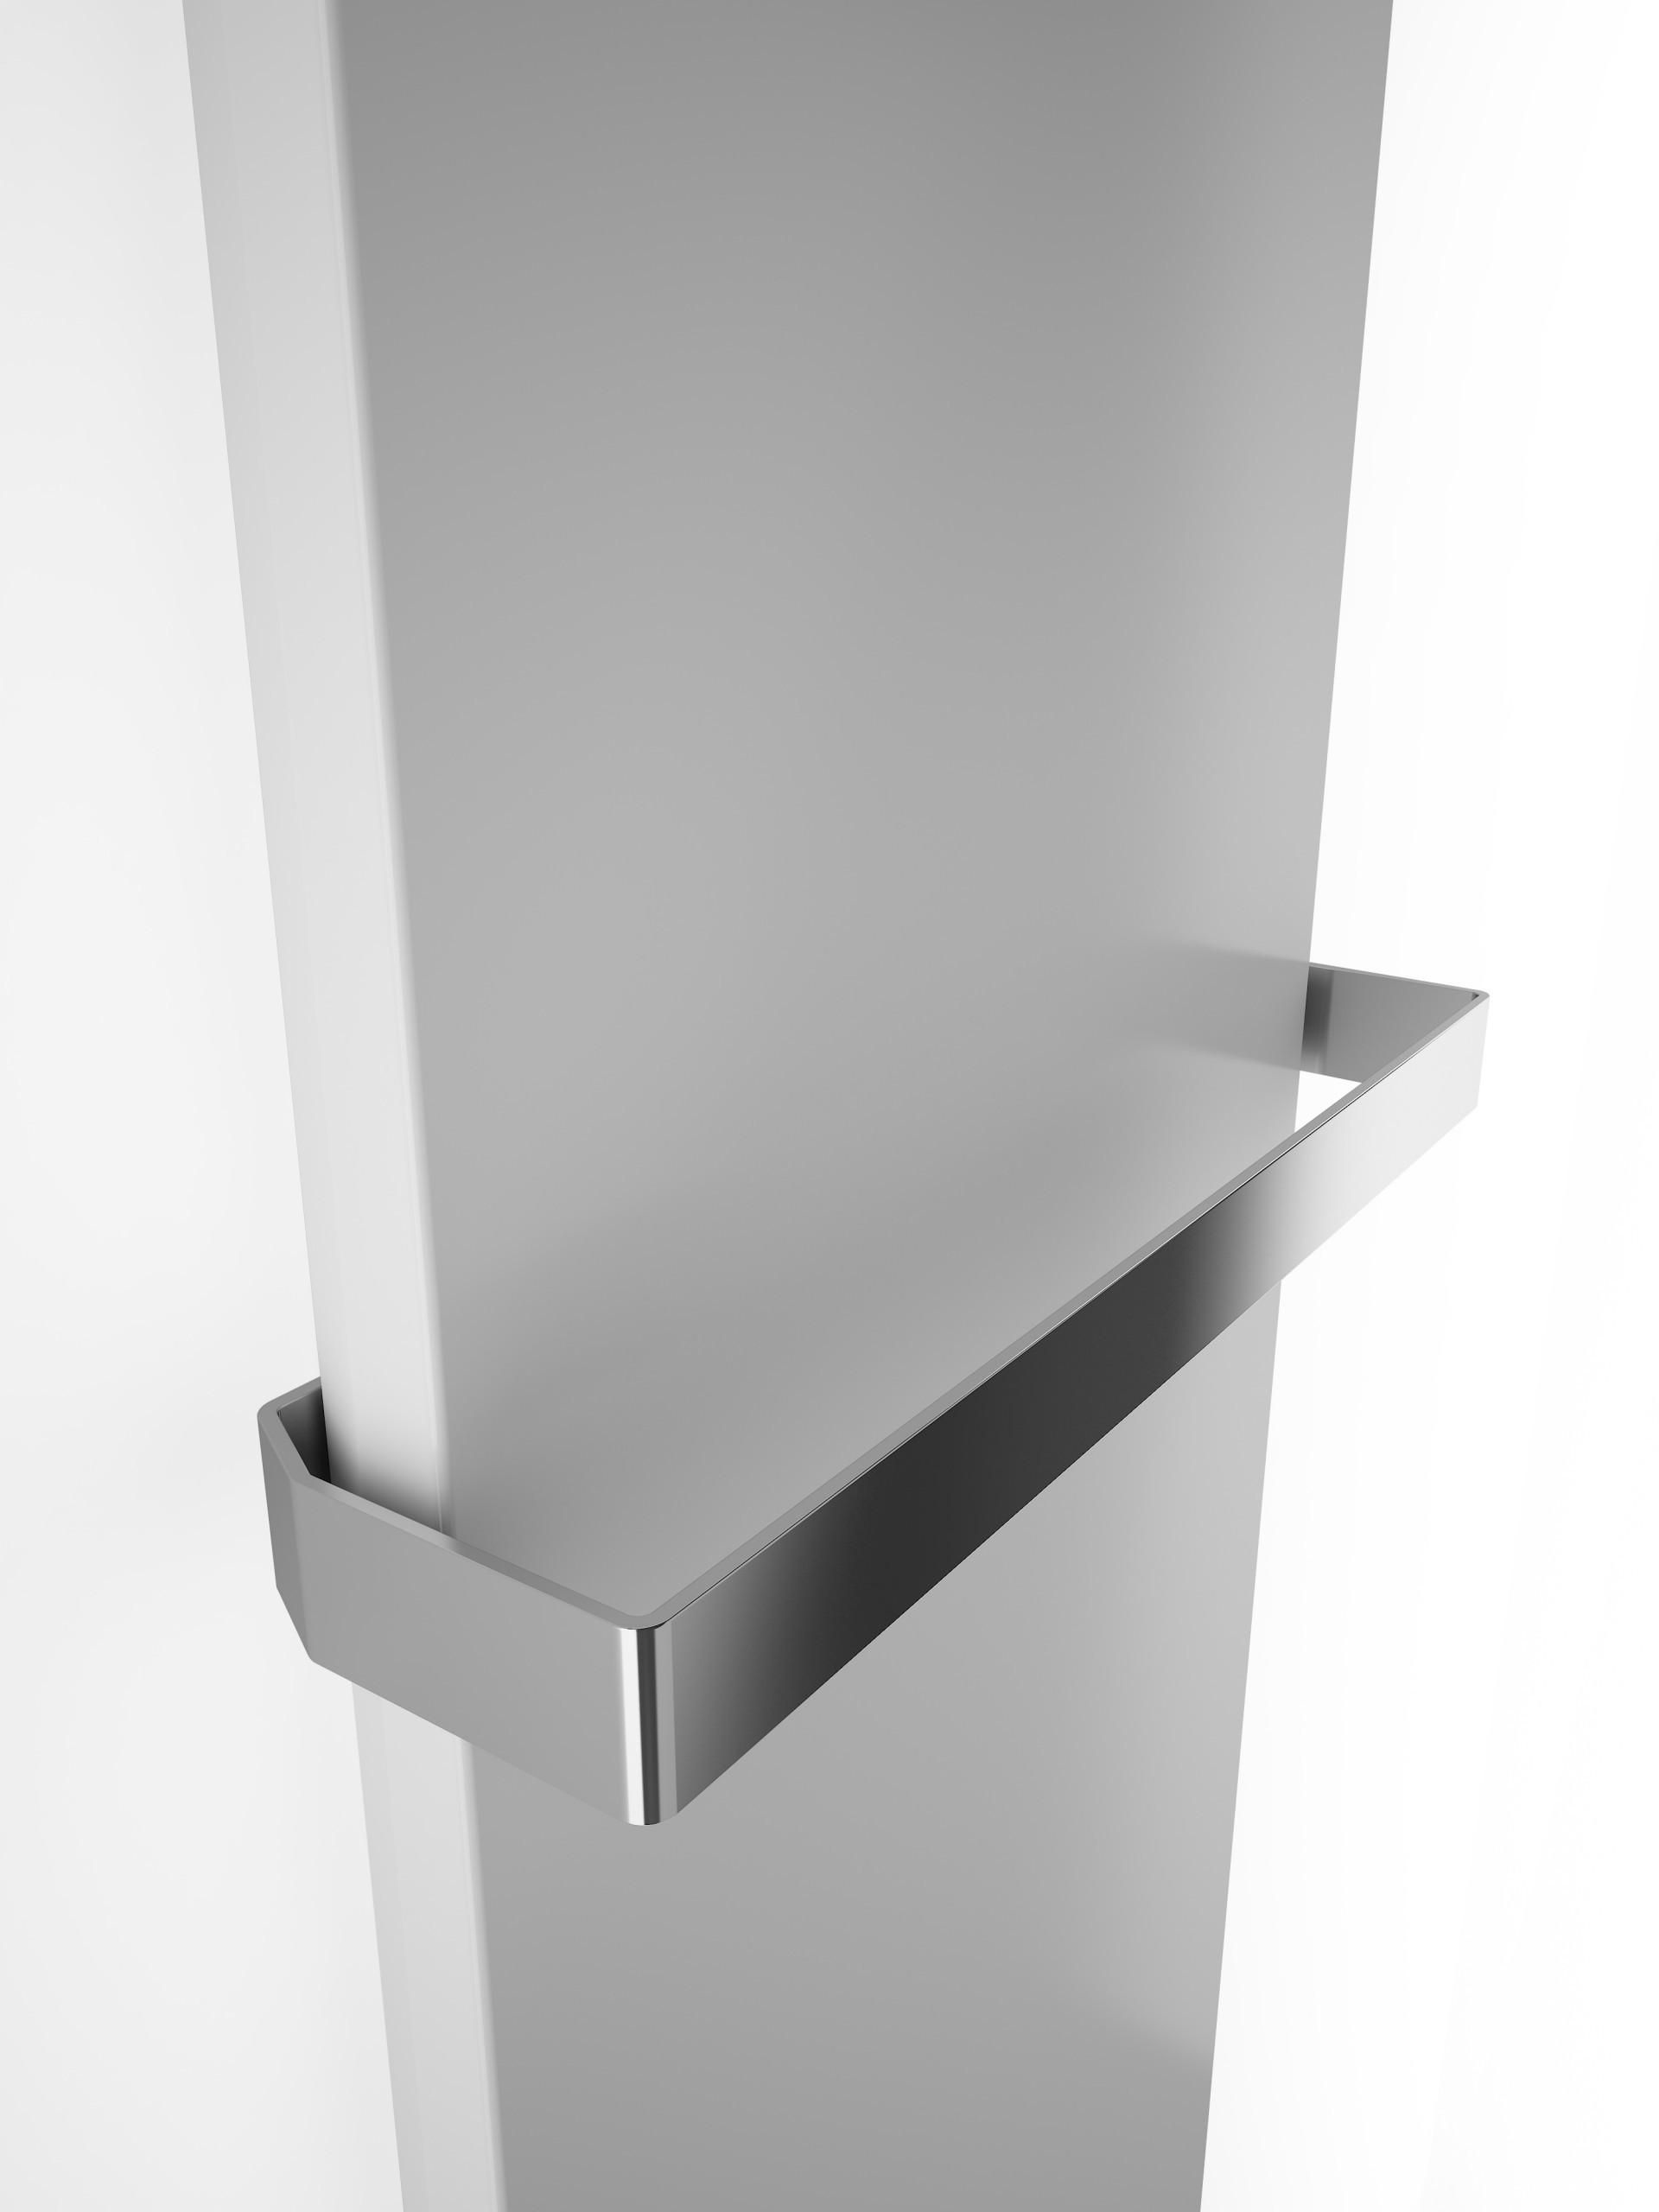 Grzejnik Case Slim Grafika 1360x620